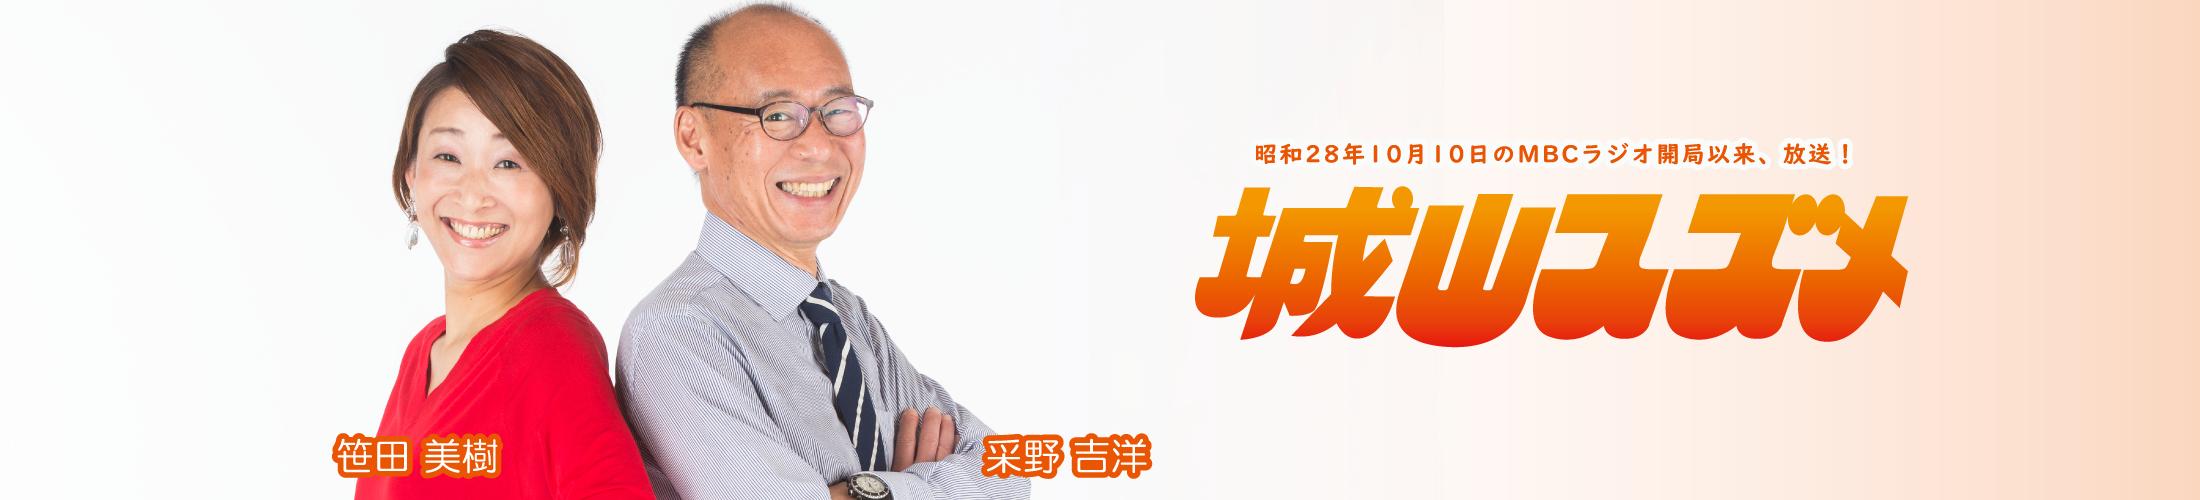 MBCラジオ『城山スズメ』